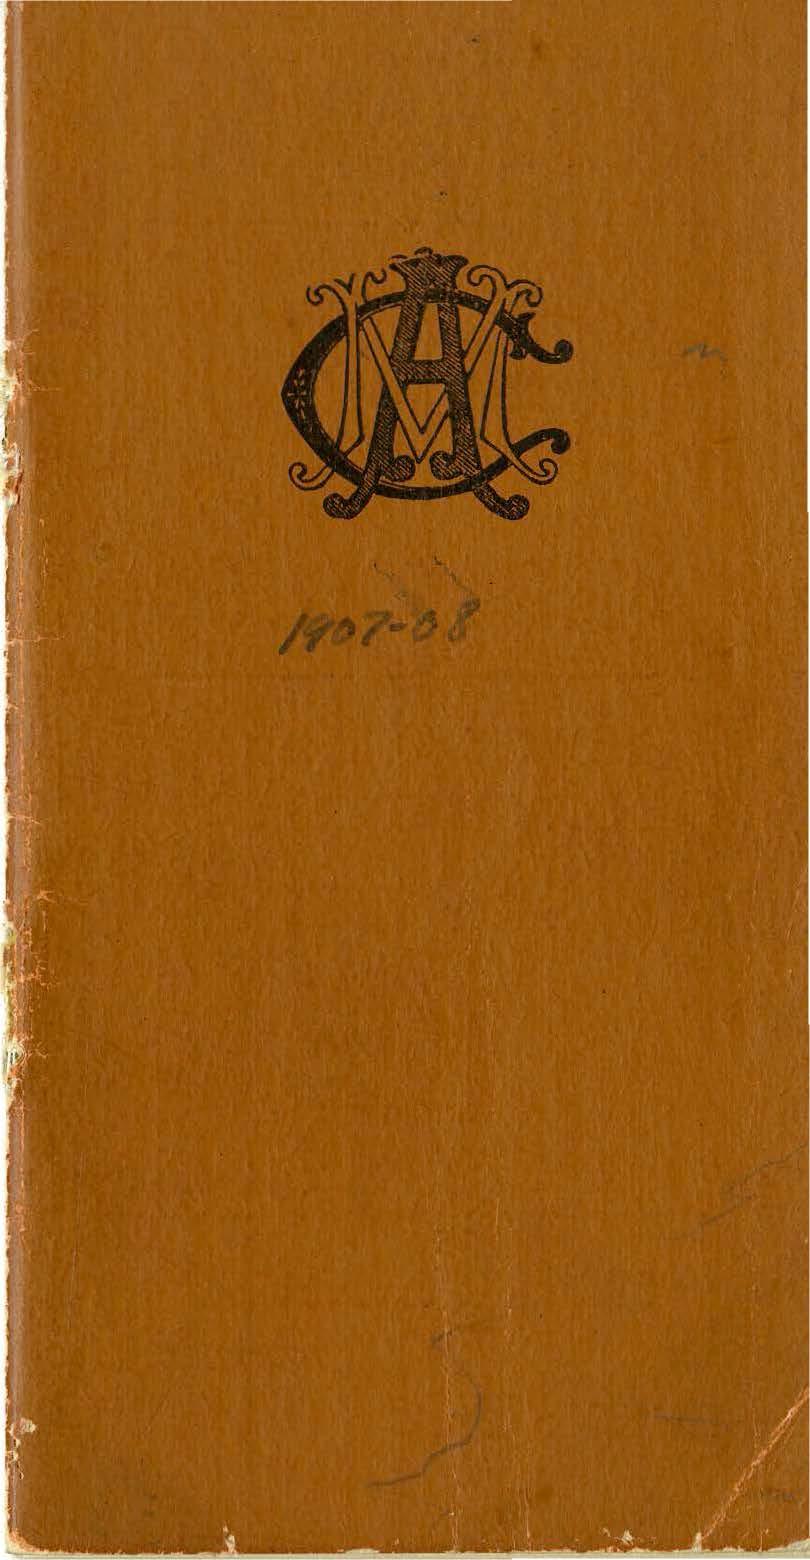 Student Handbooks, 1900-1909